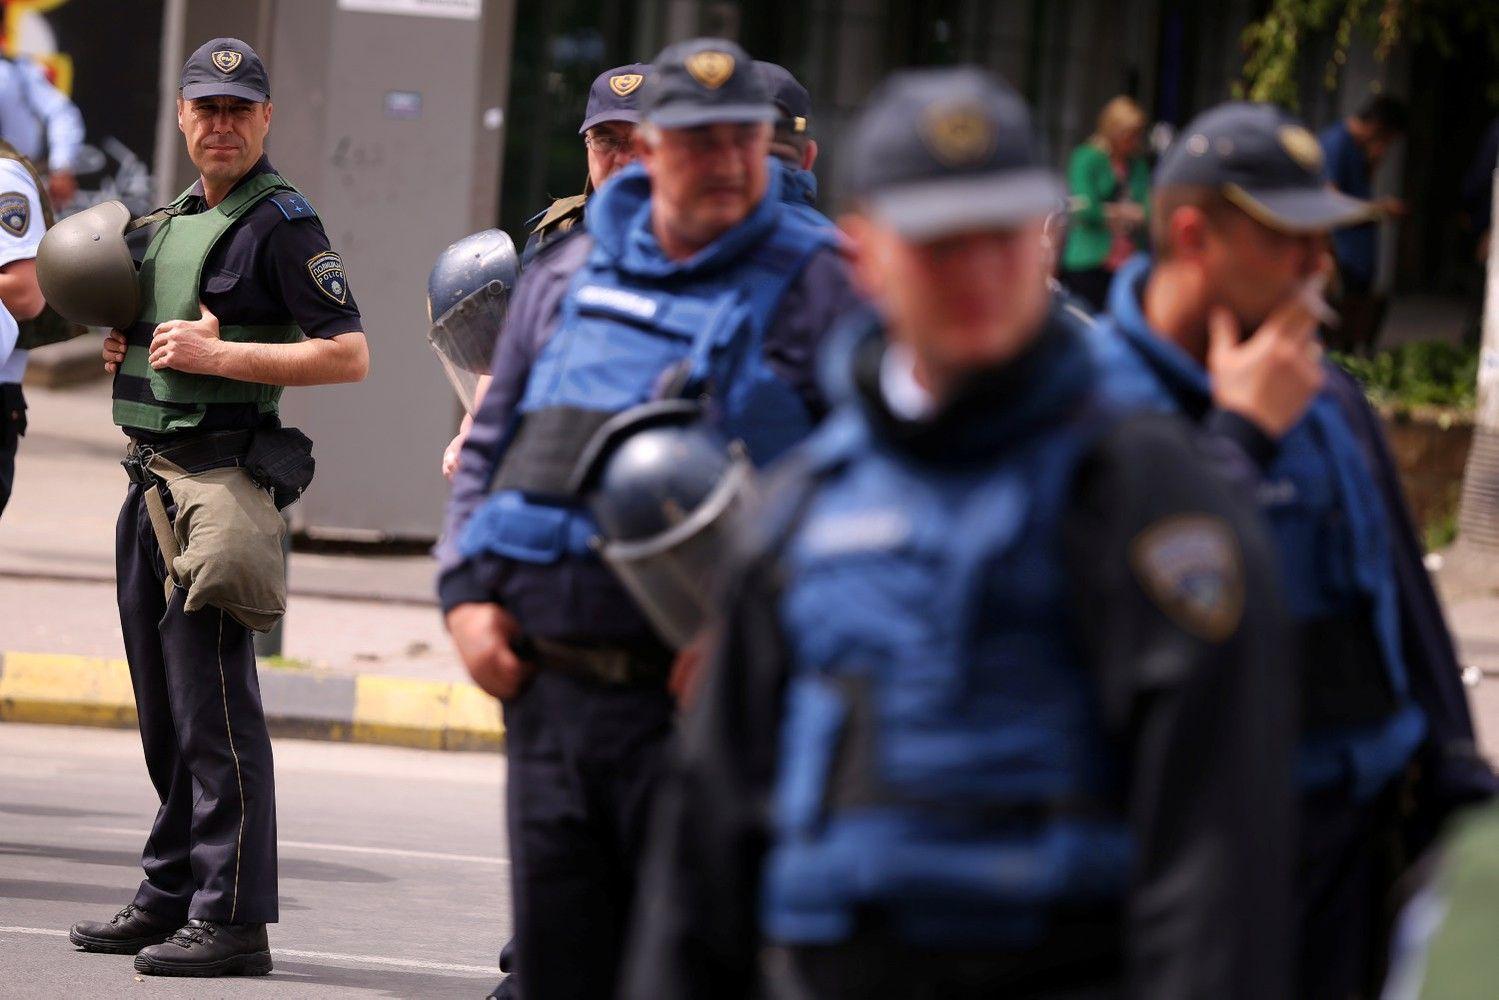 Balkanuose didėja įtampa: ES ir NATO paragino tučtuojau nutraukti smurtą